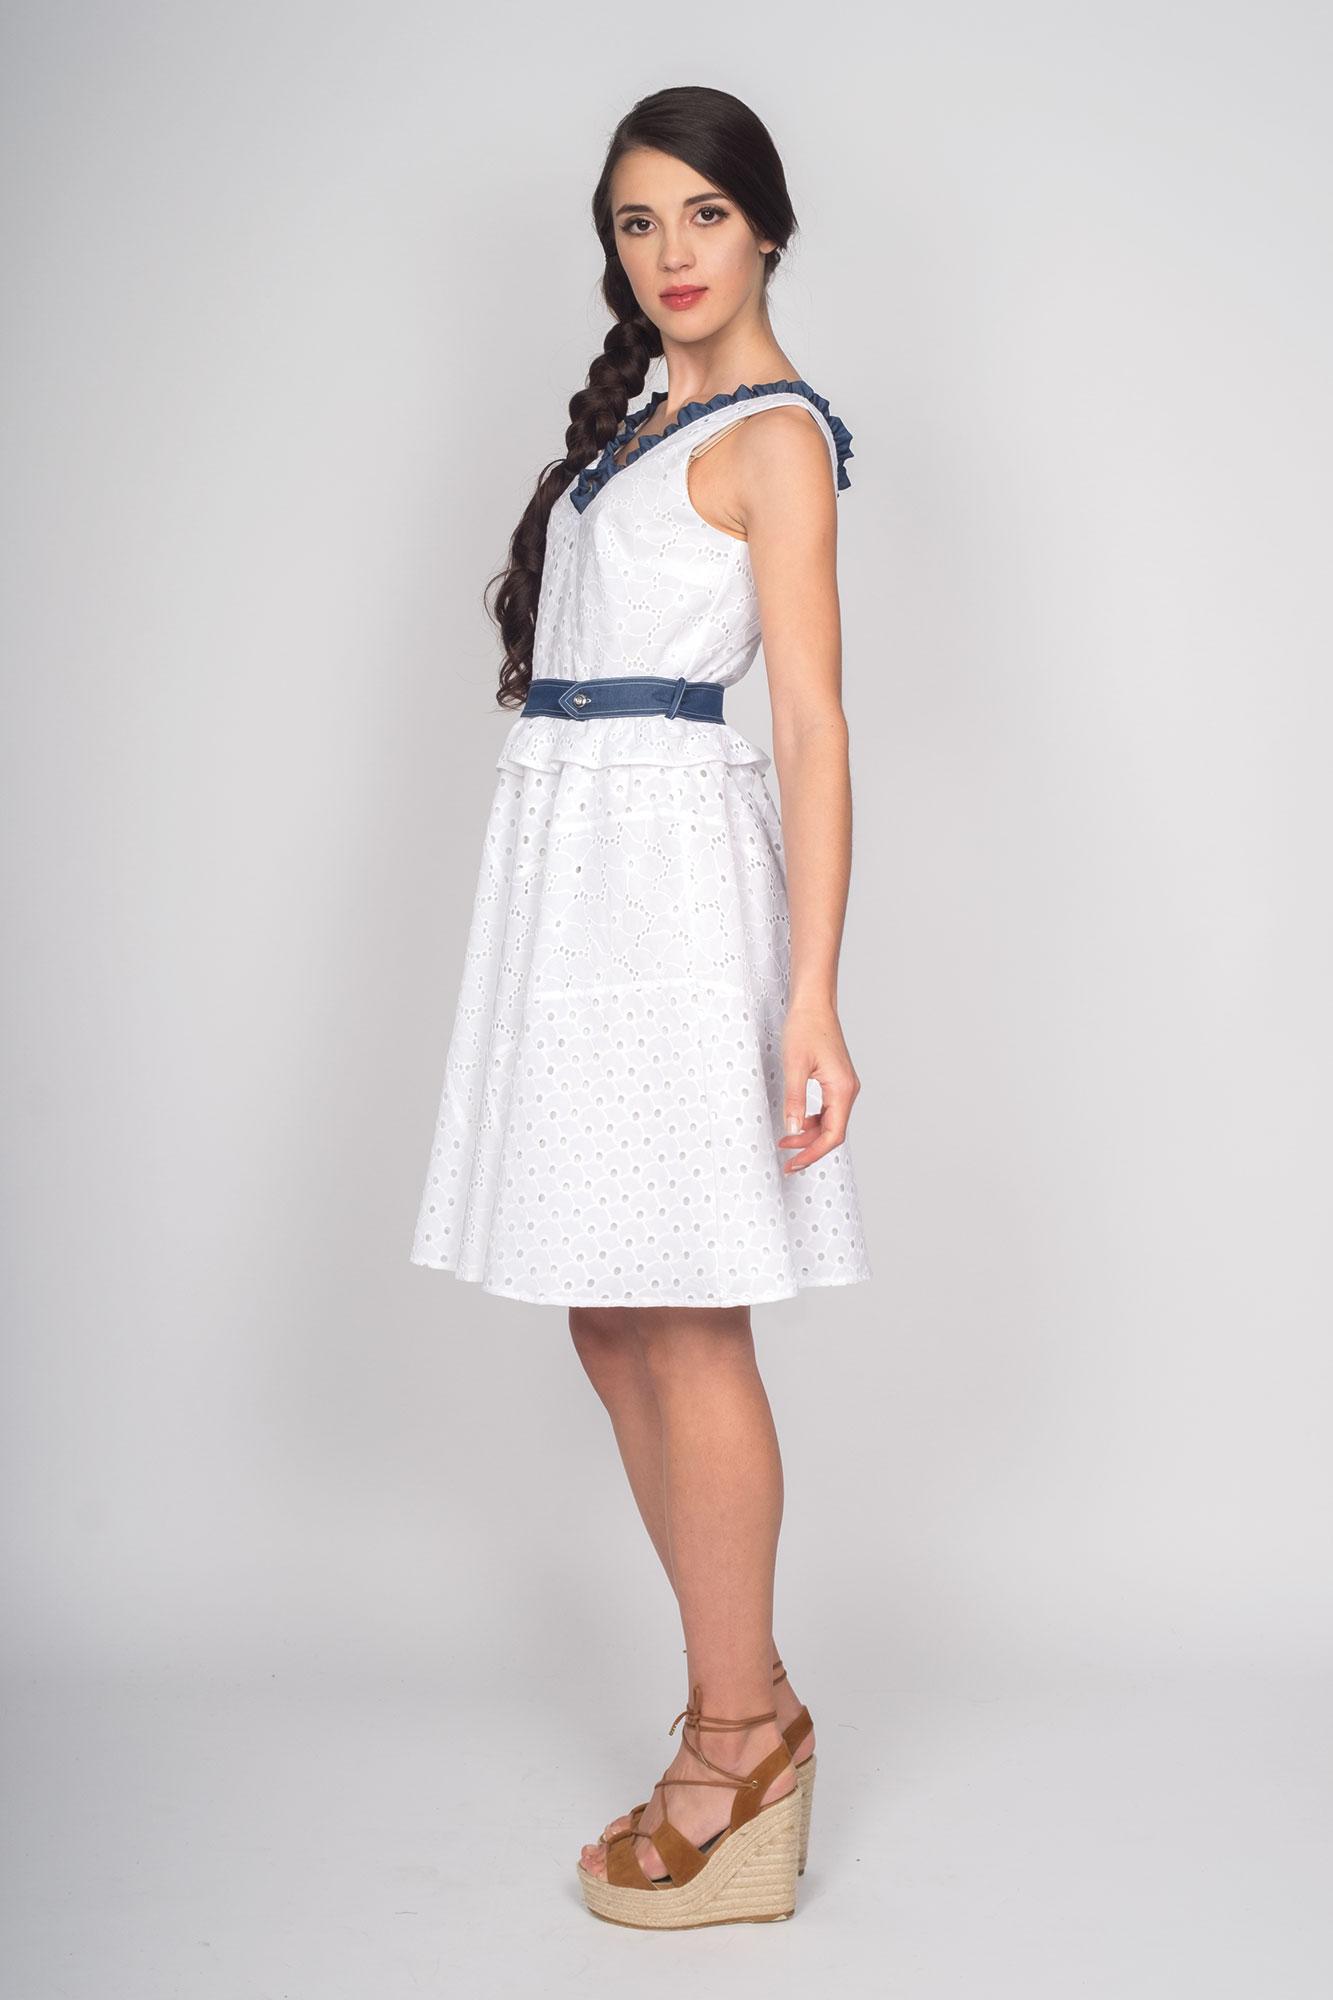 Creative Models - Servizio fotografico abbigliamento moda - 32